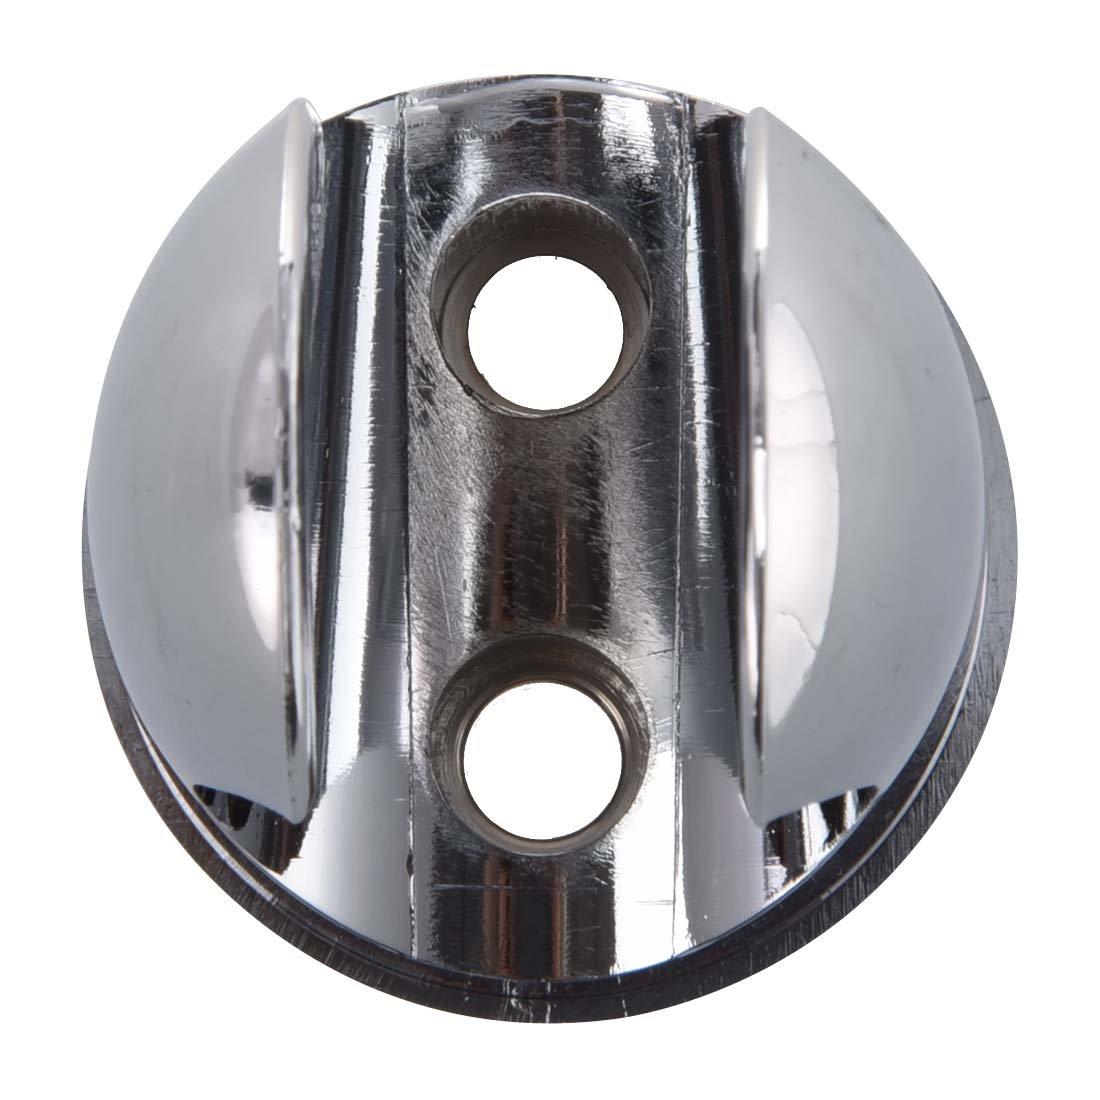 supporto doccia SODIAL R Bagno doccia a mano testa di montaggio a parete staffa supporto montato 24 millimetri